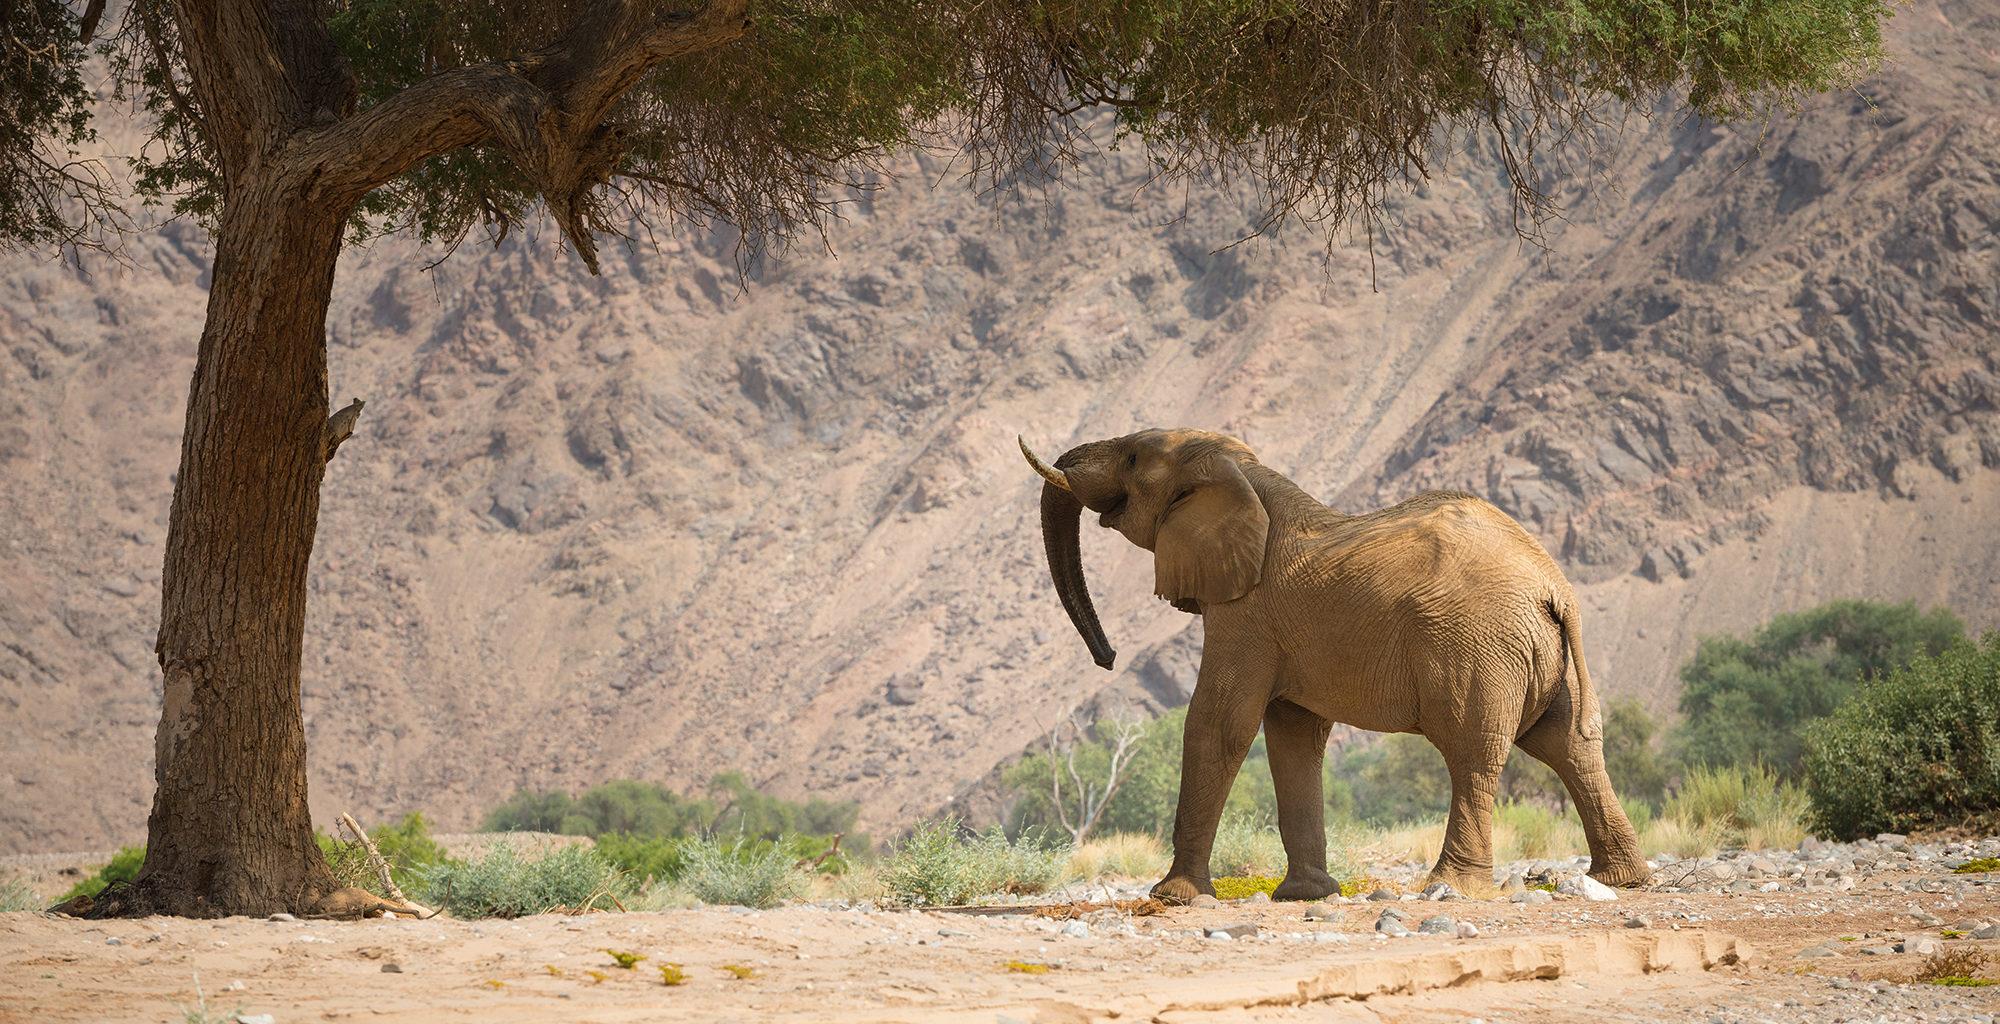 Namibia-Kaokoland-Wildlife-Elephant